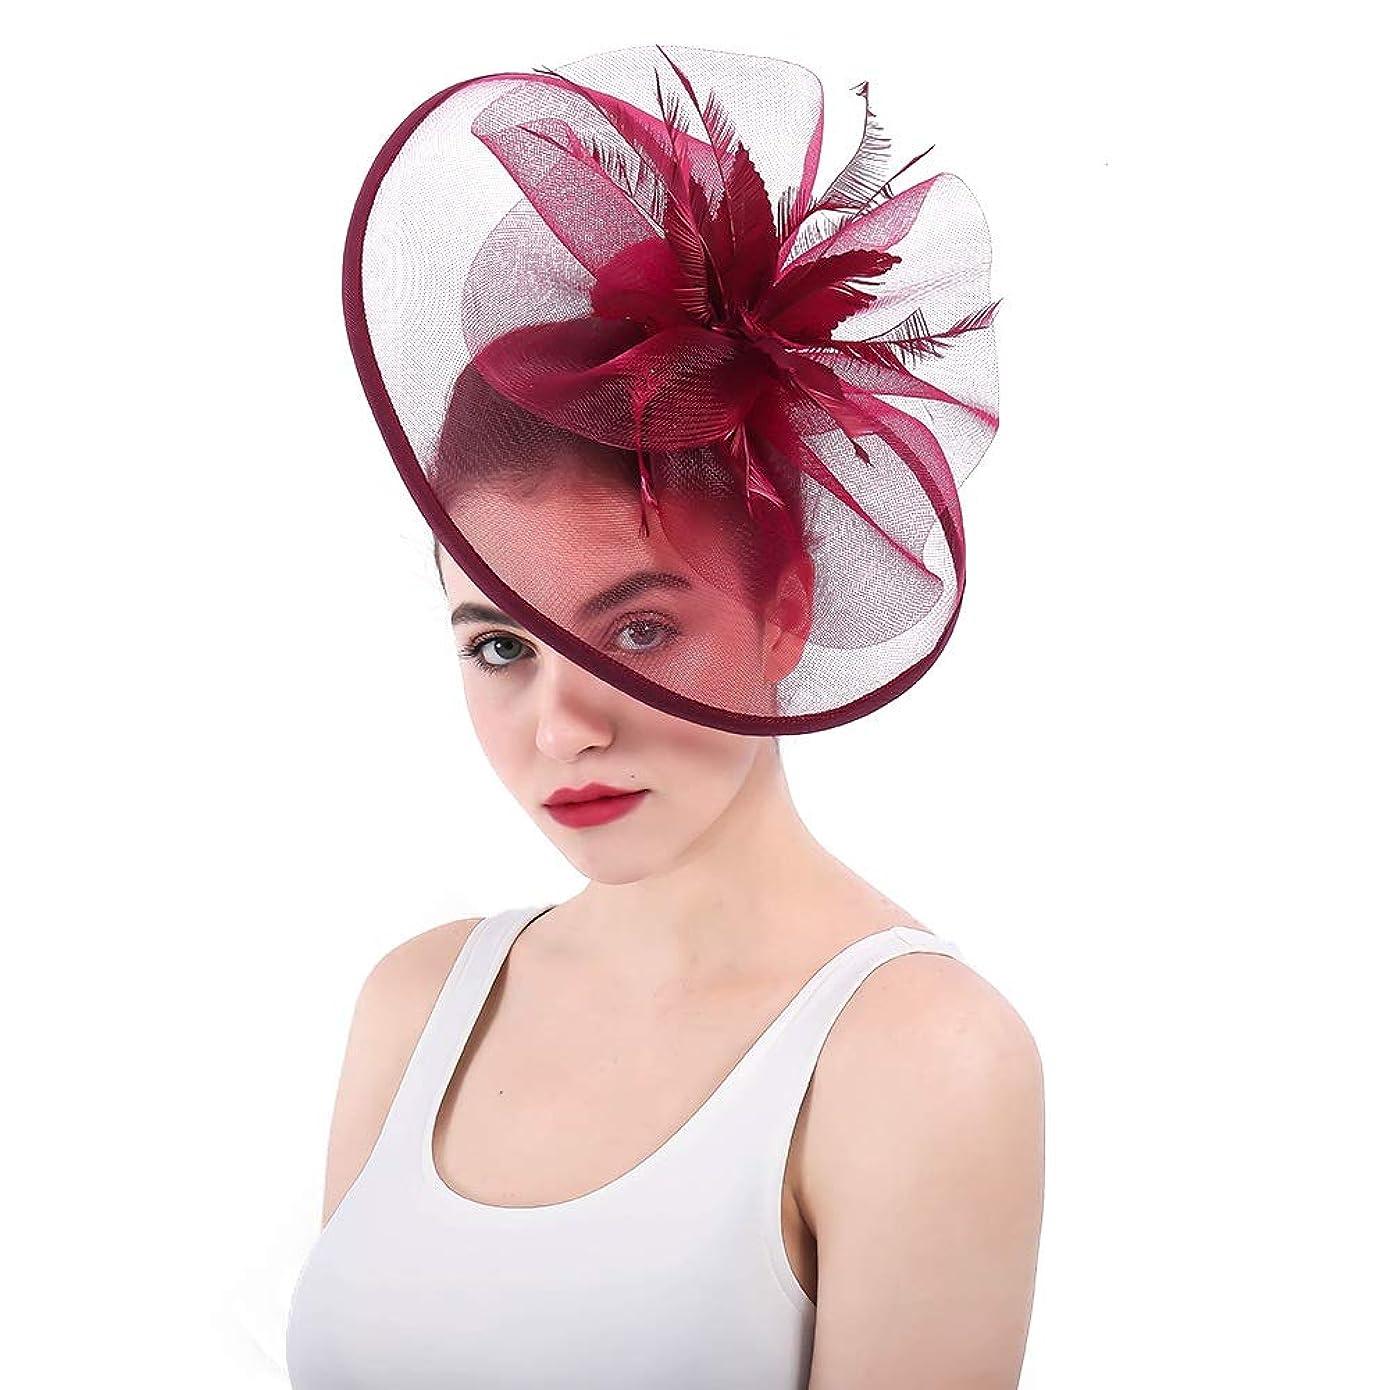 広範囲に無限大予感女性の魅力的な帽子 女性のエレガントな魅惑的な帽子カバーフェイシャルブライダルヘッドドレスフラワーヘアアクセサリーウェディングカクテルロイヤルアスコット